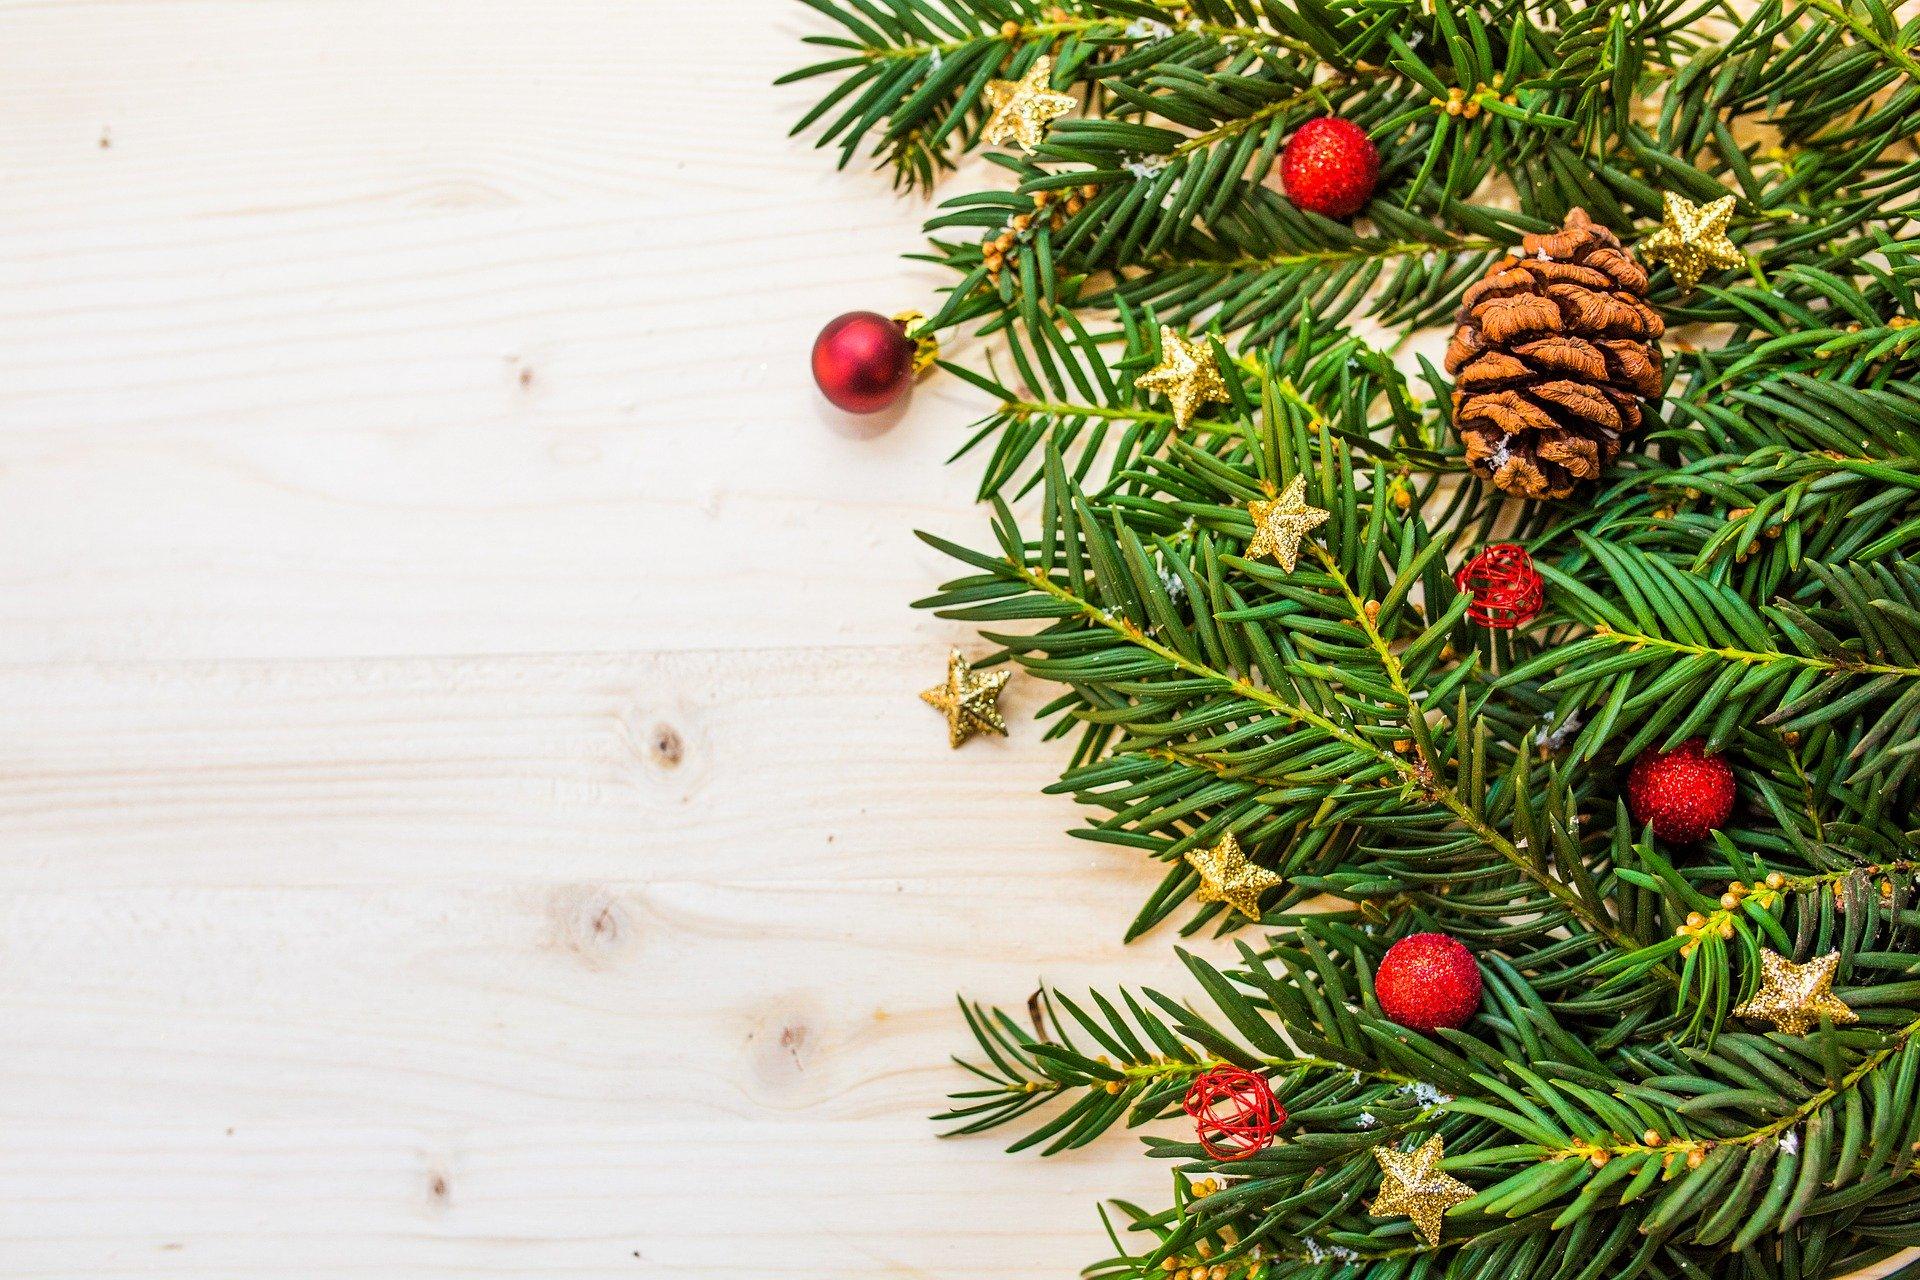 Frohe Weihnachten und ein gesegnetes neues Jahr 2020